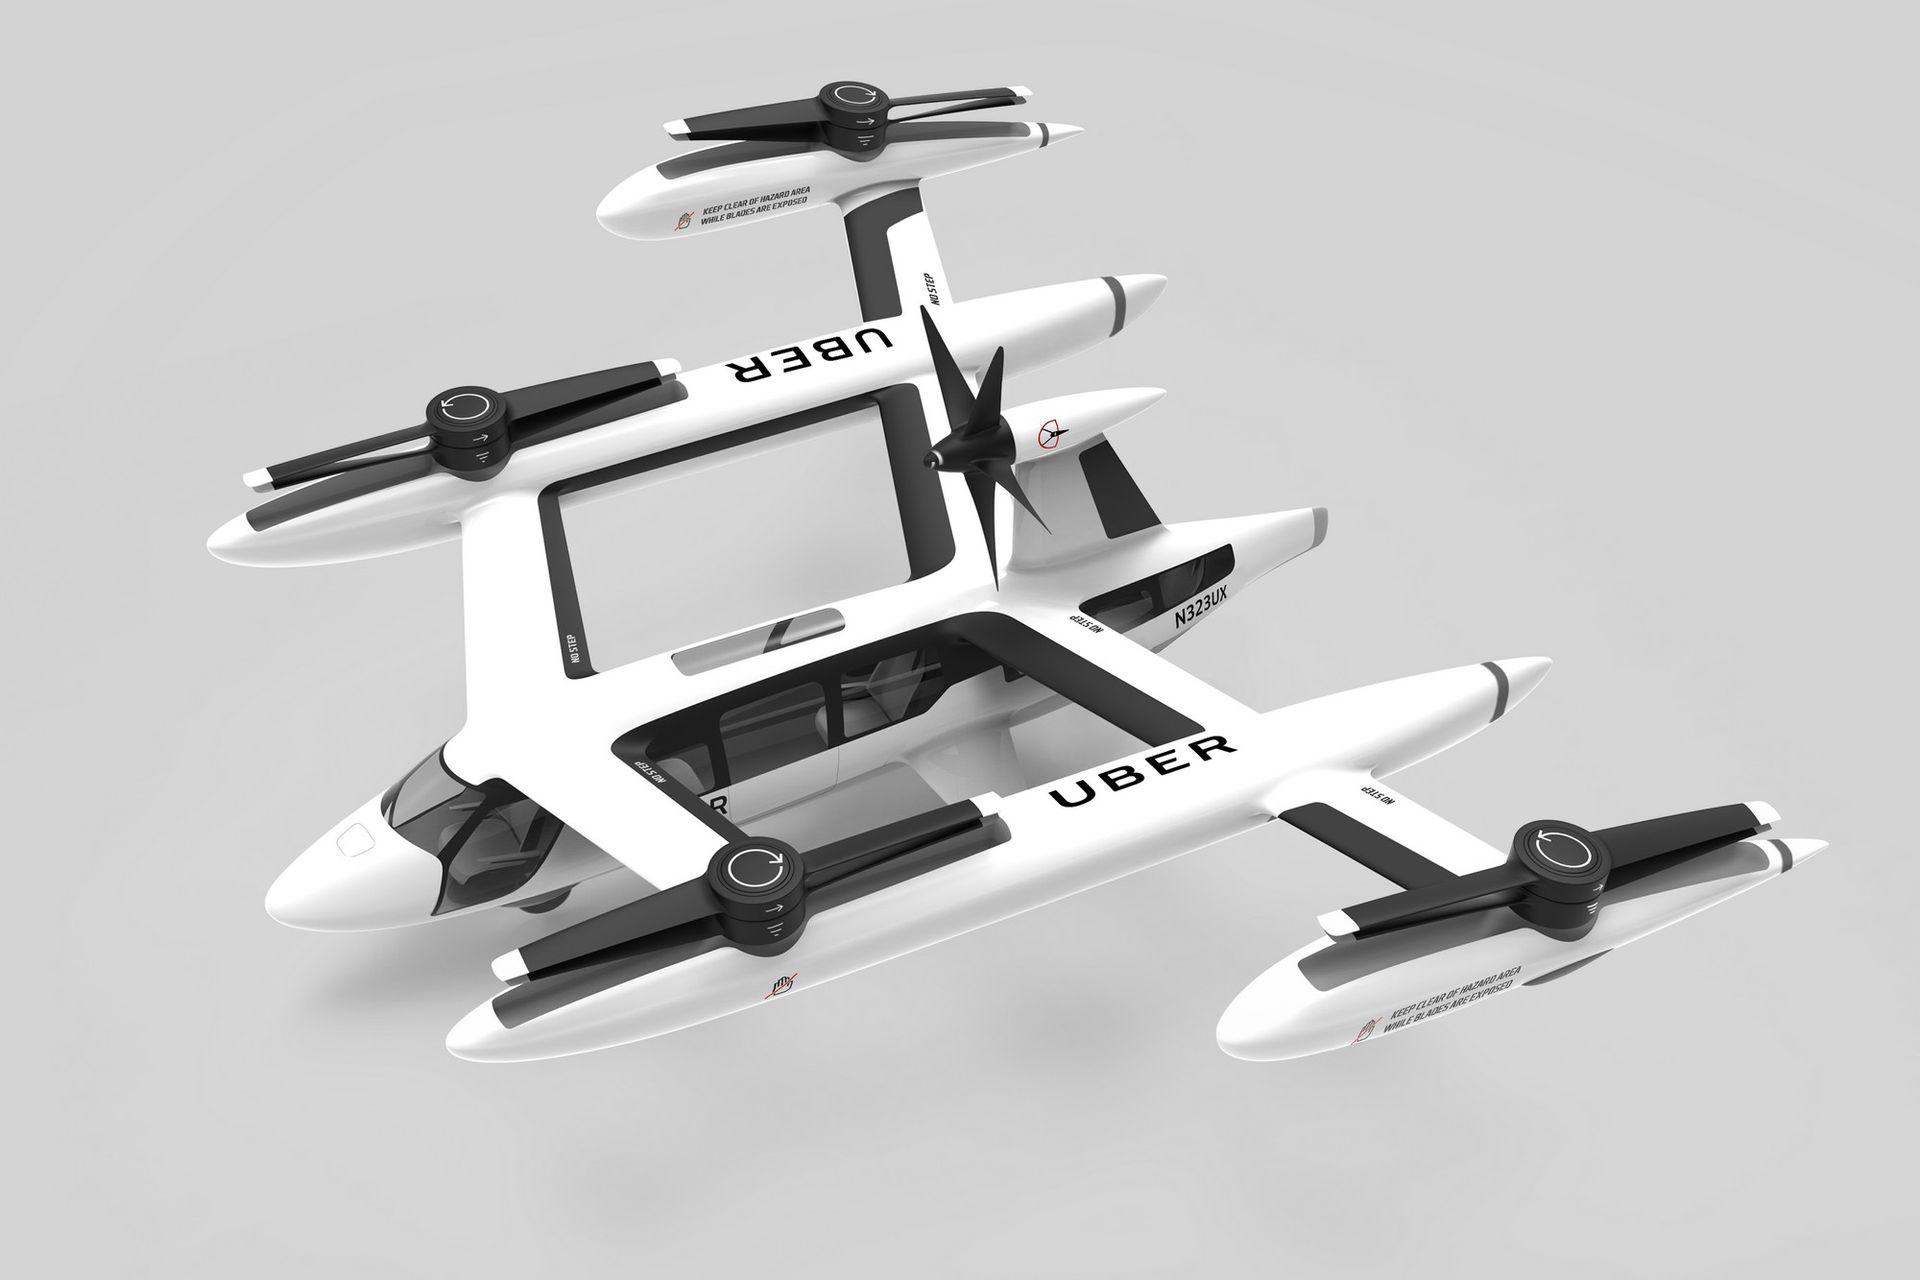 El diseño de eVTOL de Uber incluye cuatro rotores y un quinto motor que impulsará la aeronave; tiene capacidad para cuatro pasajeros y un piloto